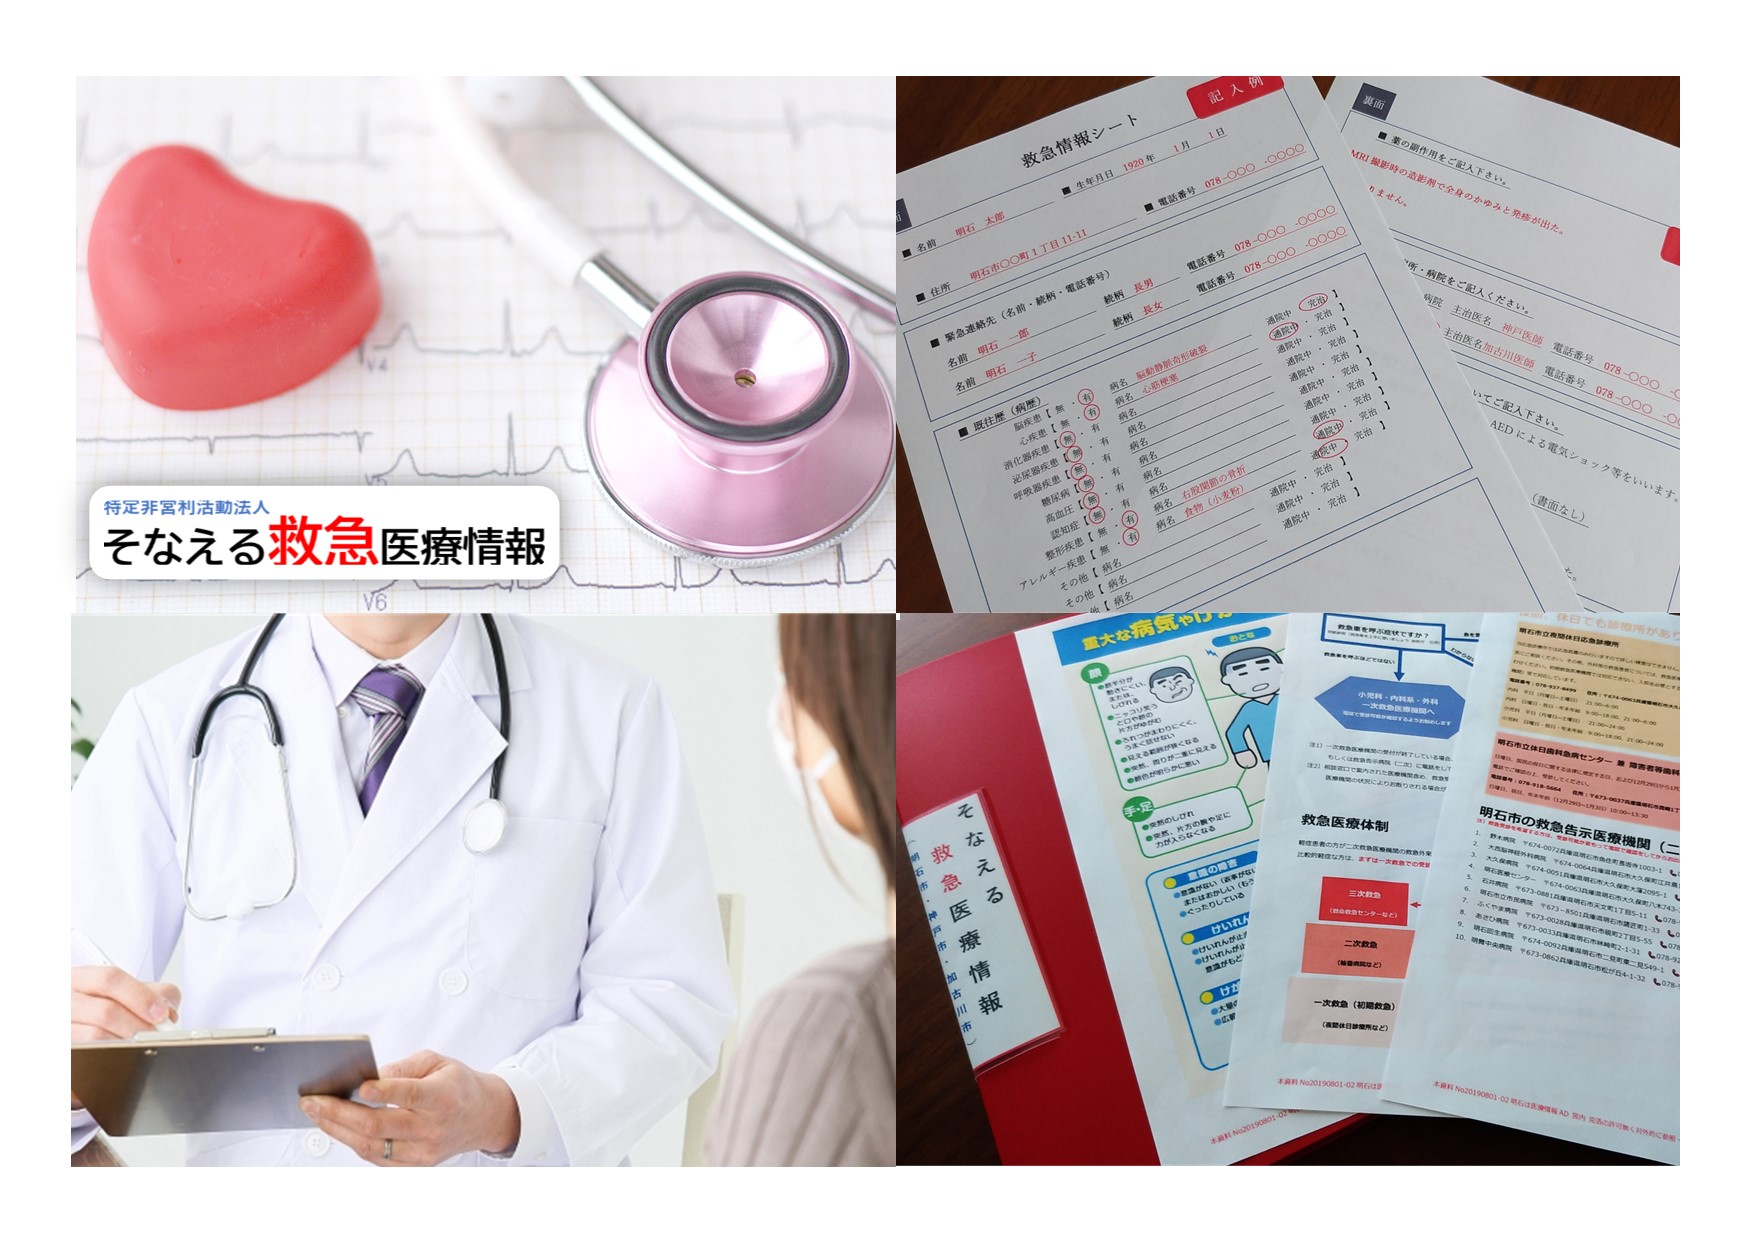 救急医療情報シートを一緒に作成しましょう!